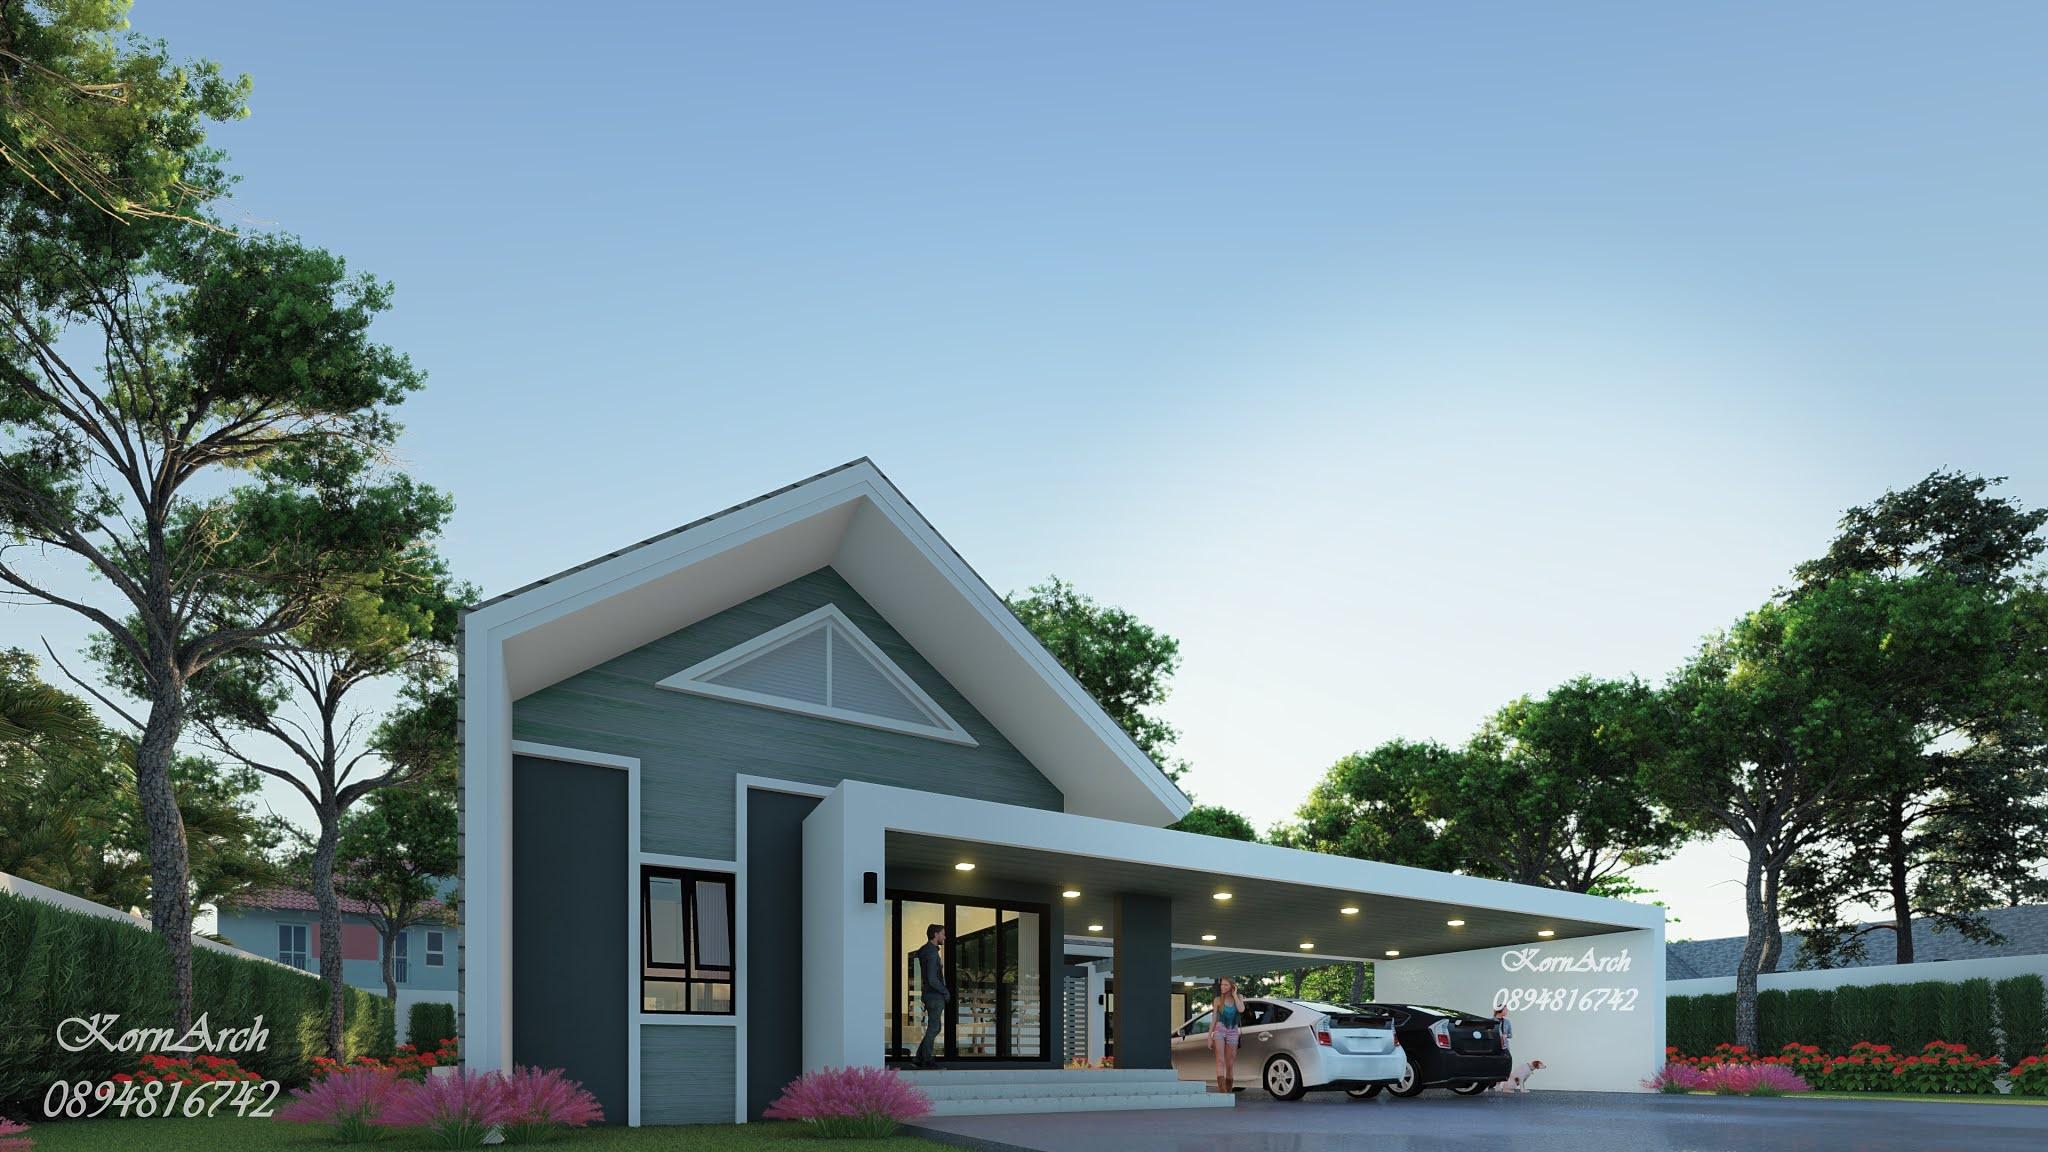 รับออกแบบบ้านชั้นเดียว สถาปนิก 0894816742